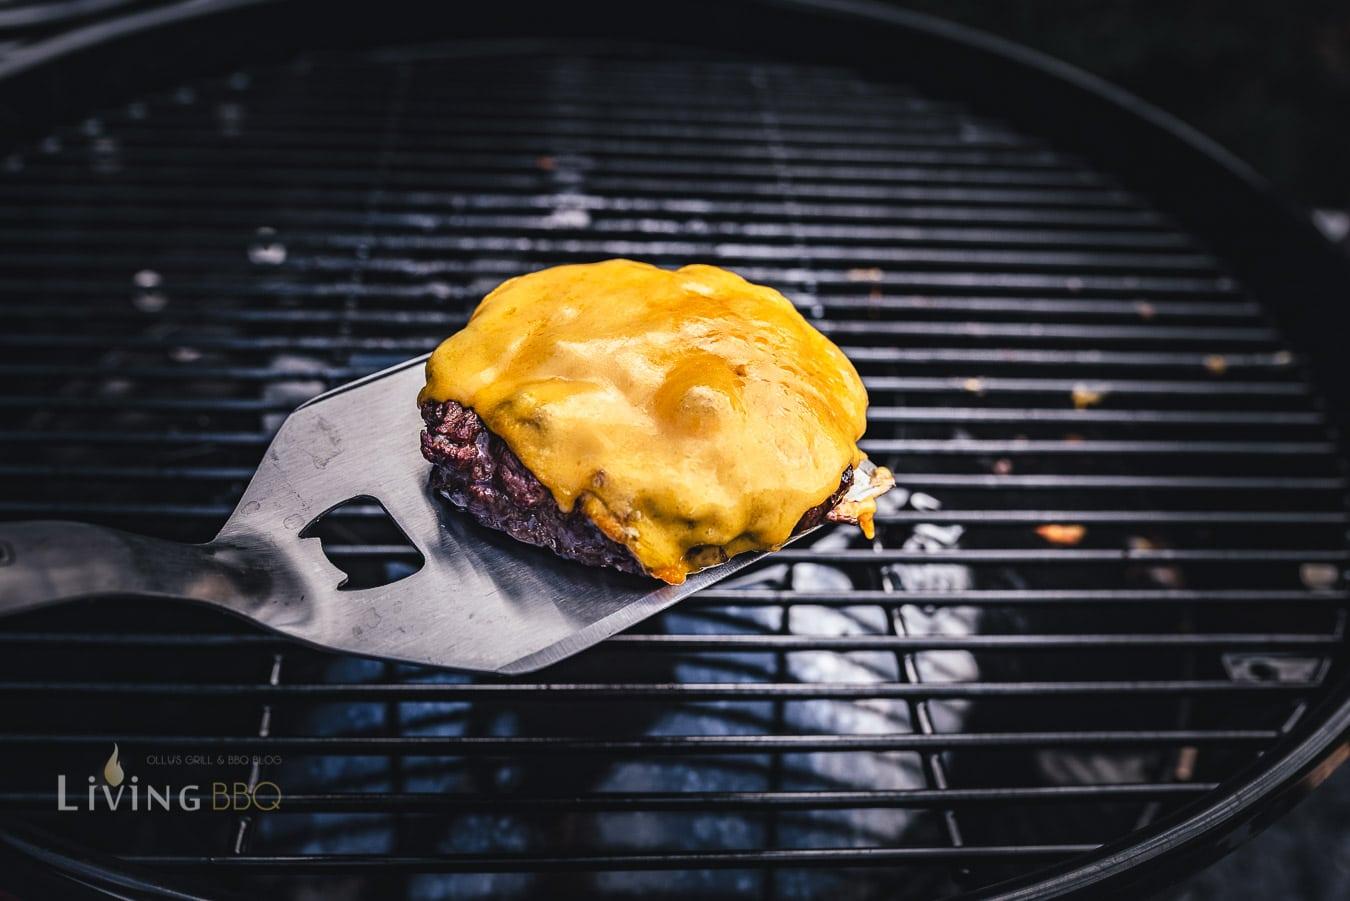 Käse auf dem Cheeseburger